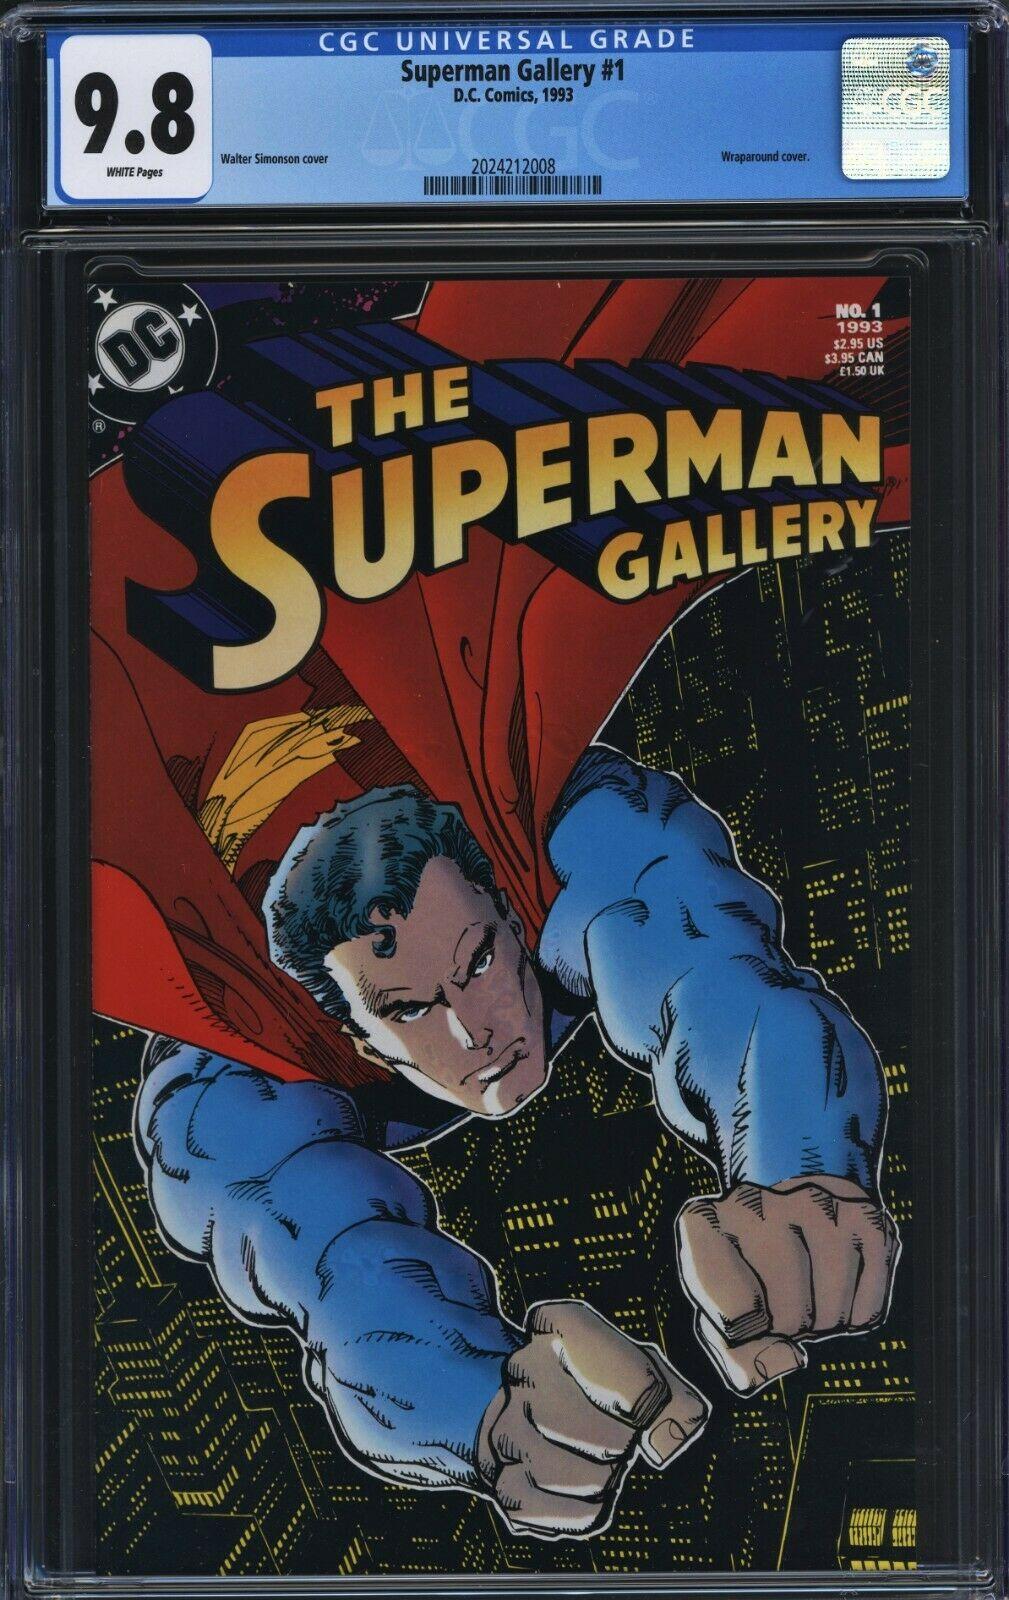 Superman Gallery #1 CGC 9.8 Simonson Wraparound Cover